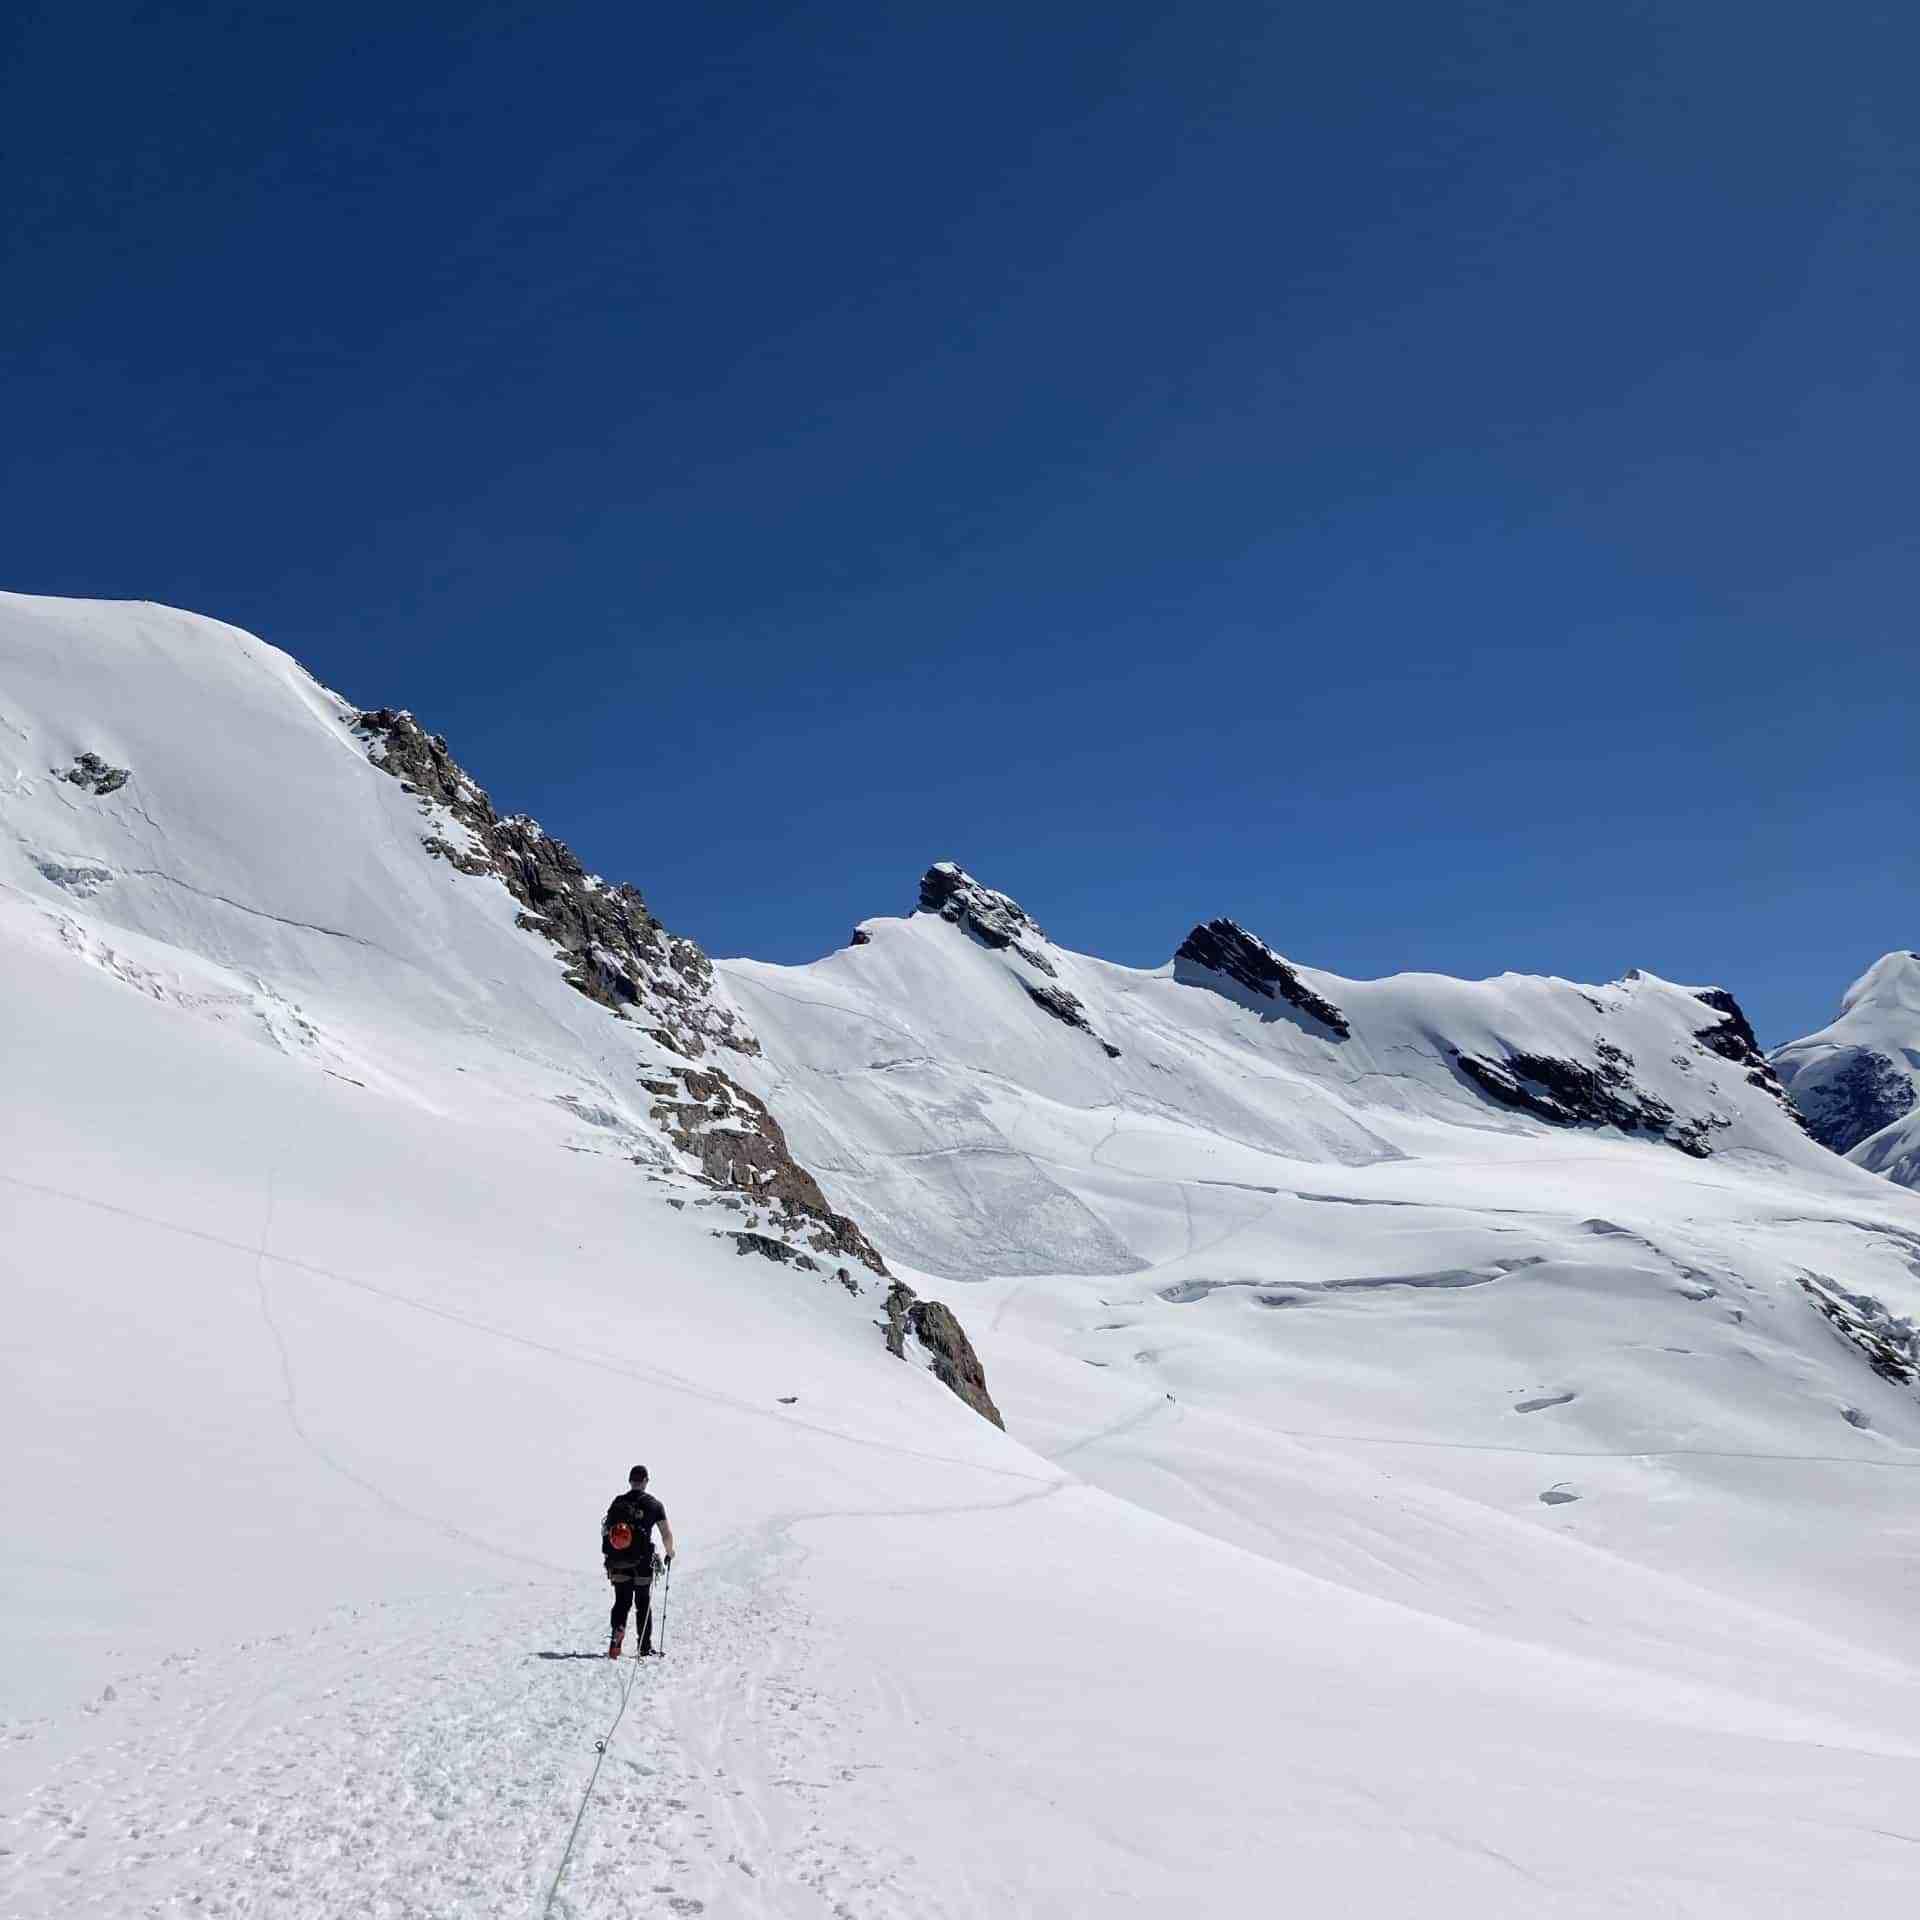 IMG 2951 scaled - Bergsteigen im Wallis - das Bergsteigerparadies?